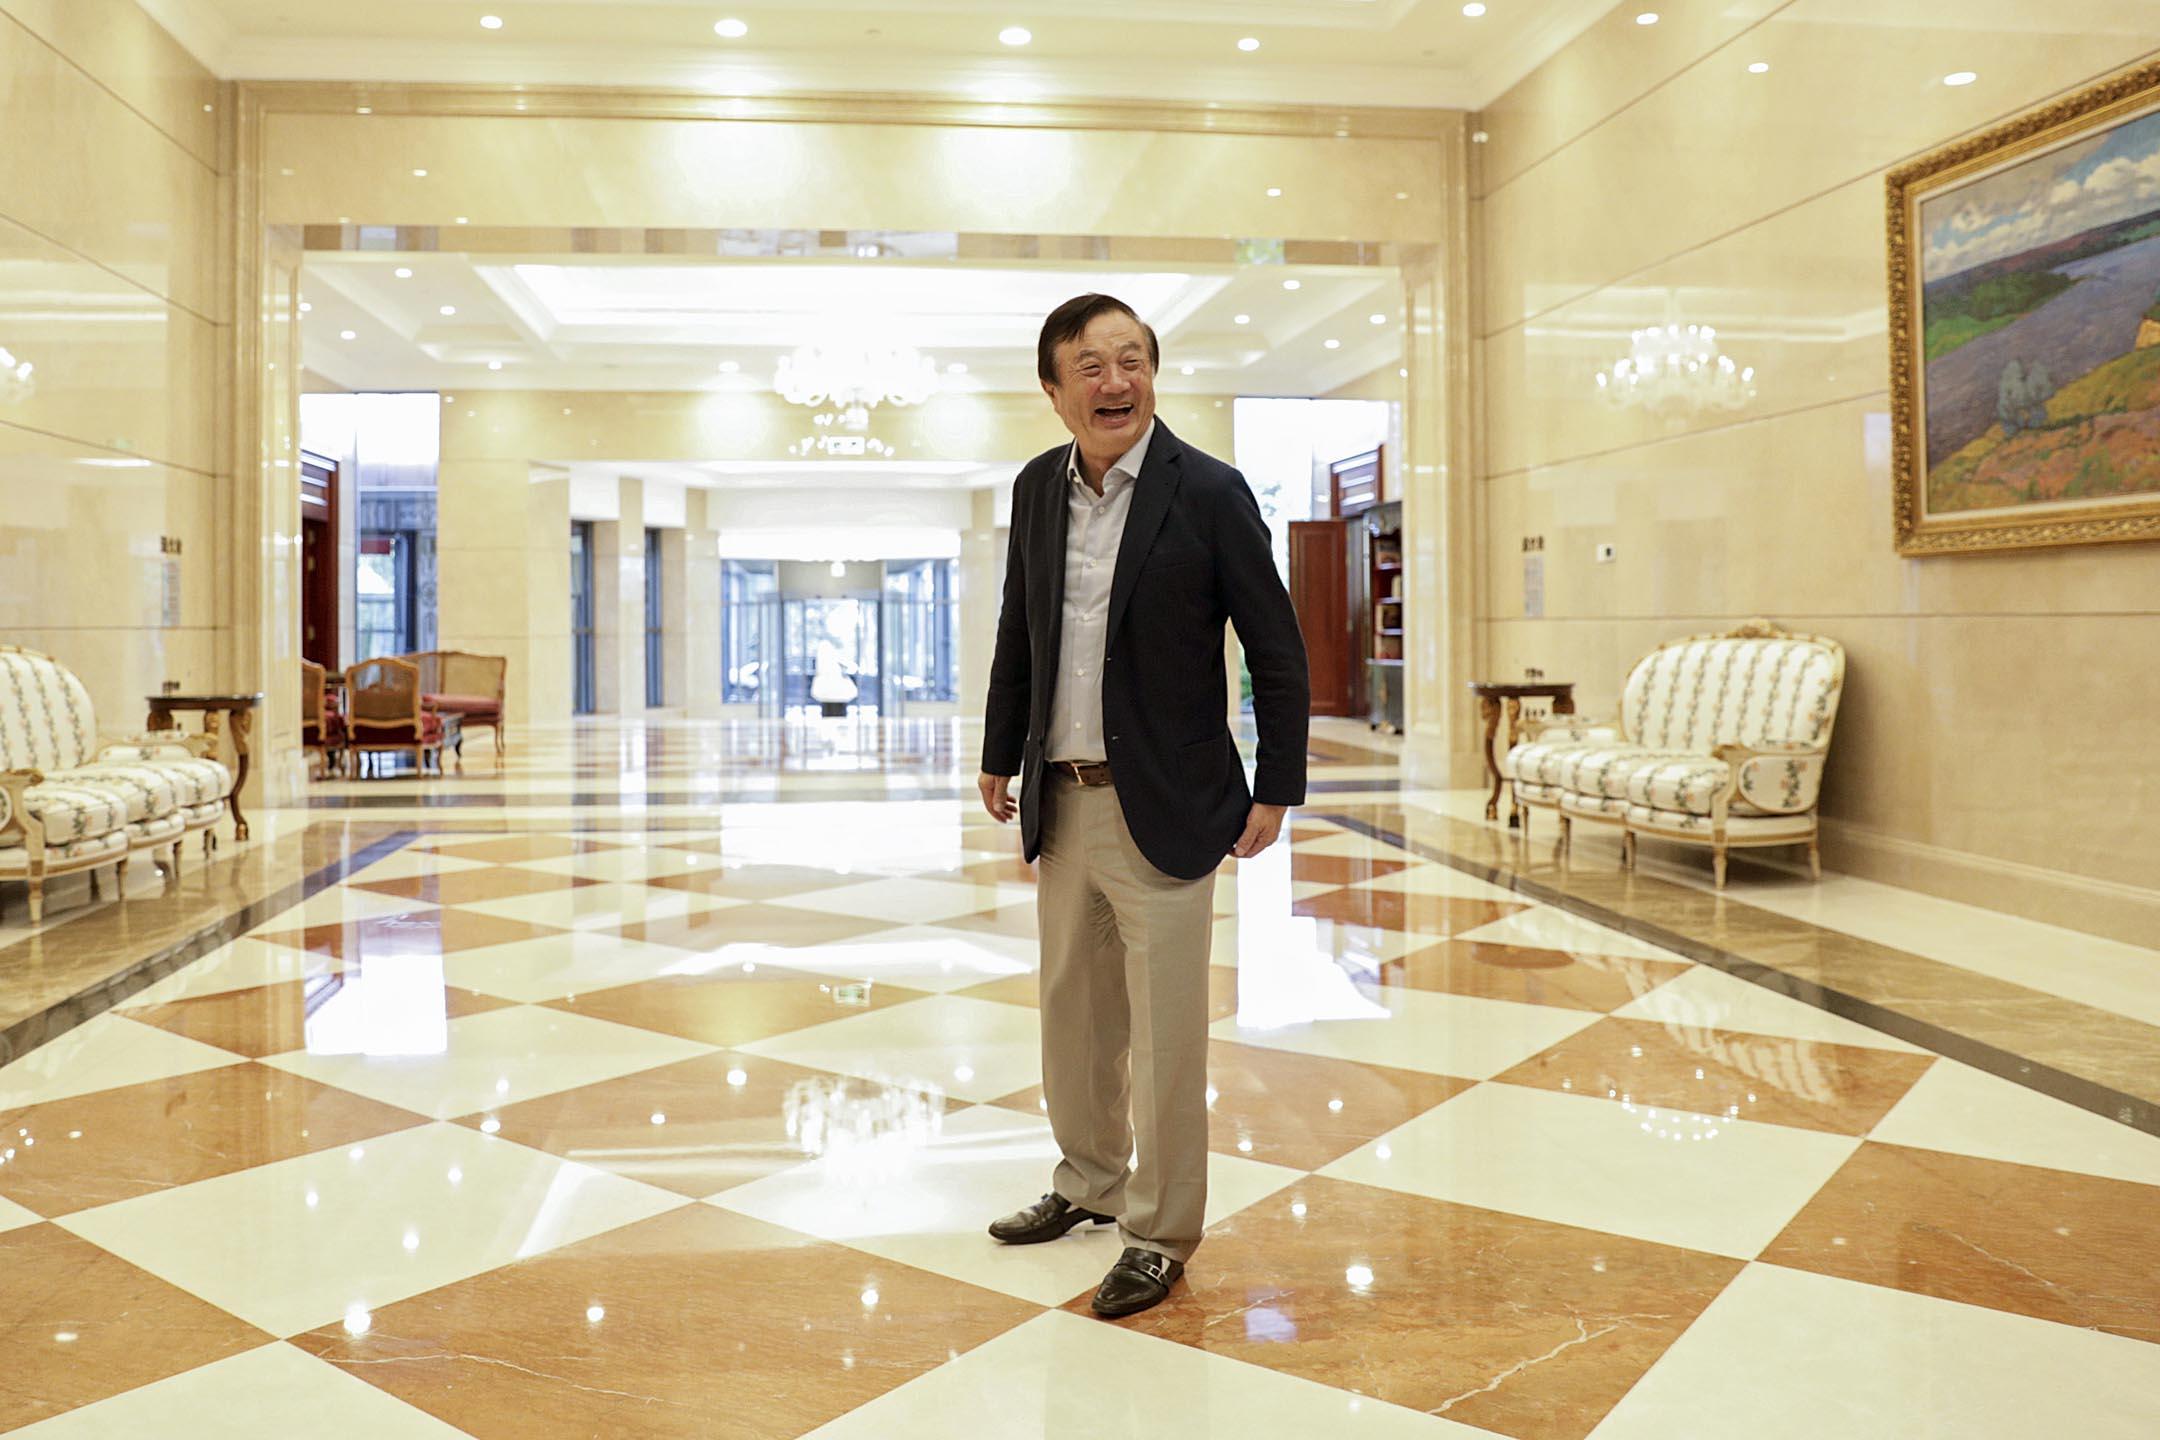 2019年1月15日,任正非在深圳接受國內外媒體的專訪。這是任正非在2015年2月達沃斯論壇上首次接受專訪以來,最為密集地通過媒體闡述華為綱領、剖白個人心跡。 攝:Qilai Shen/Bloomberg via Getty Images